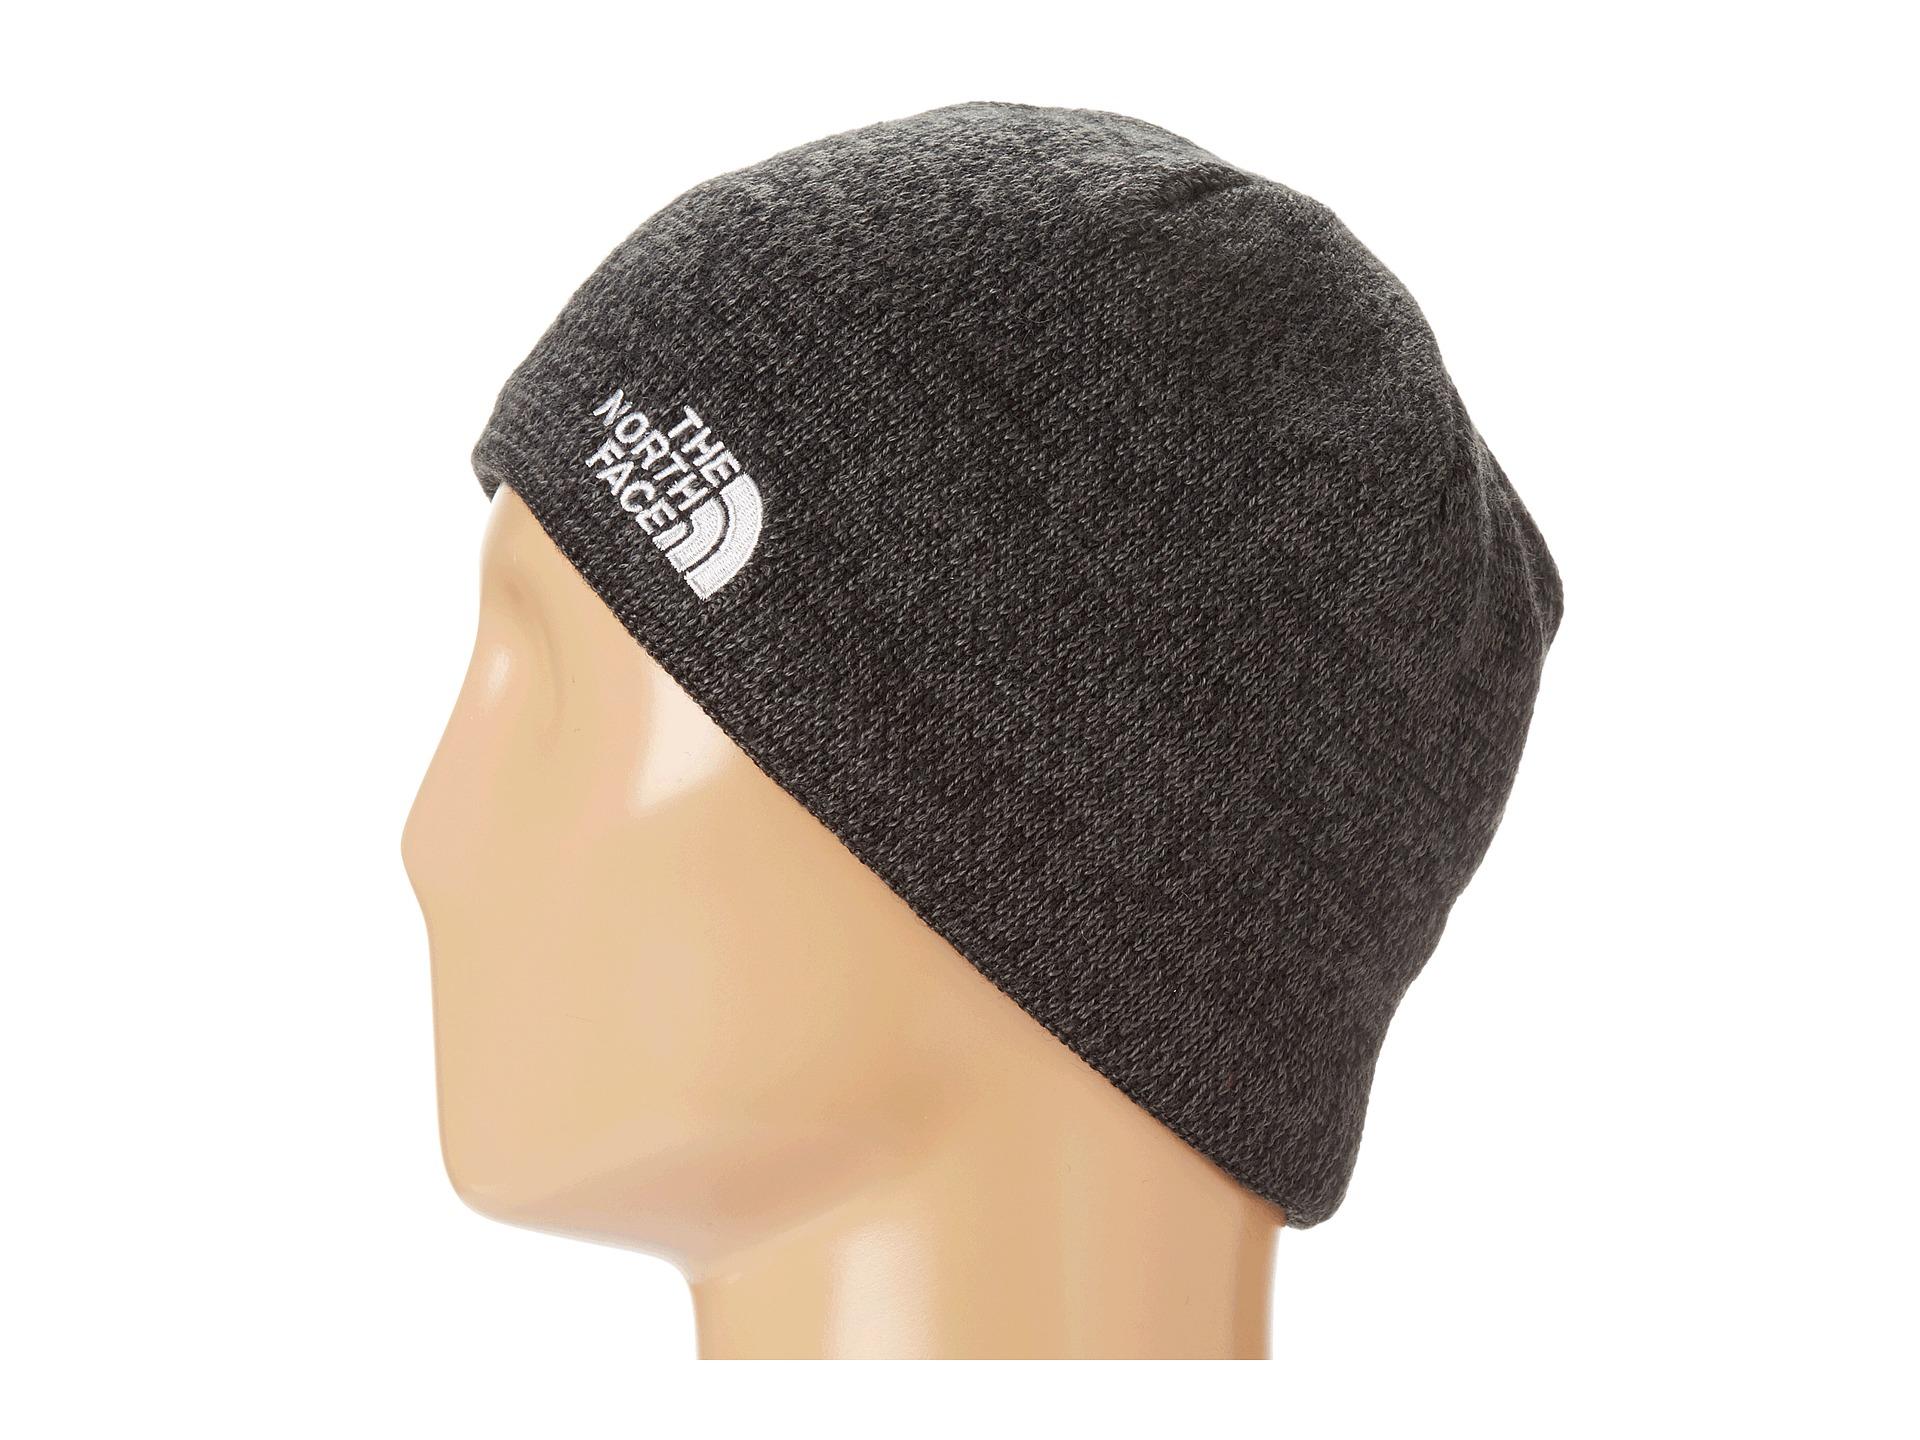 Lyst - The North Face Jim Beanie in Black f41e02c05e2